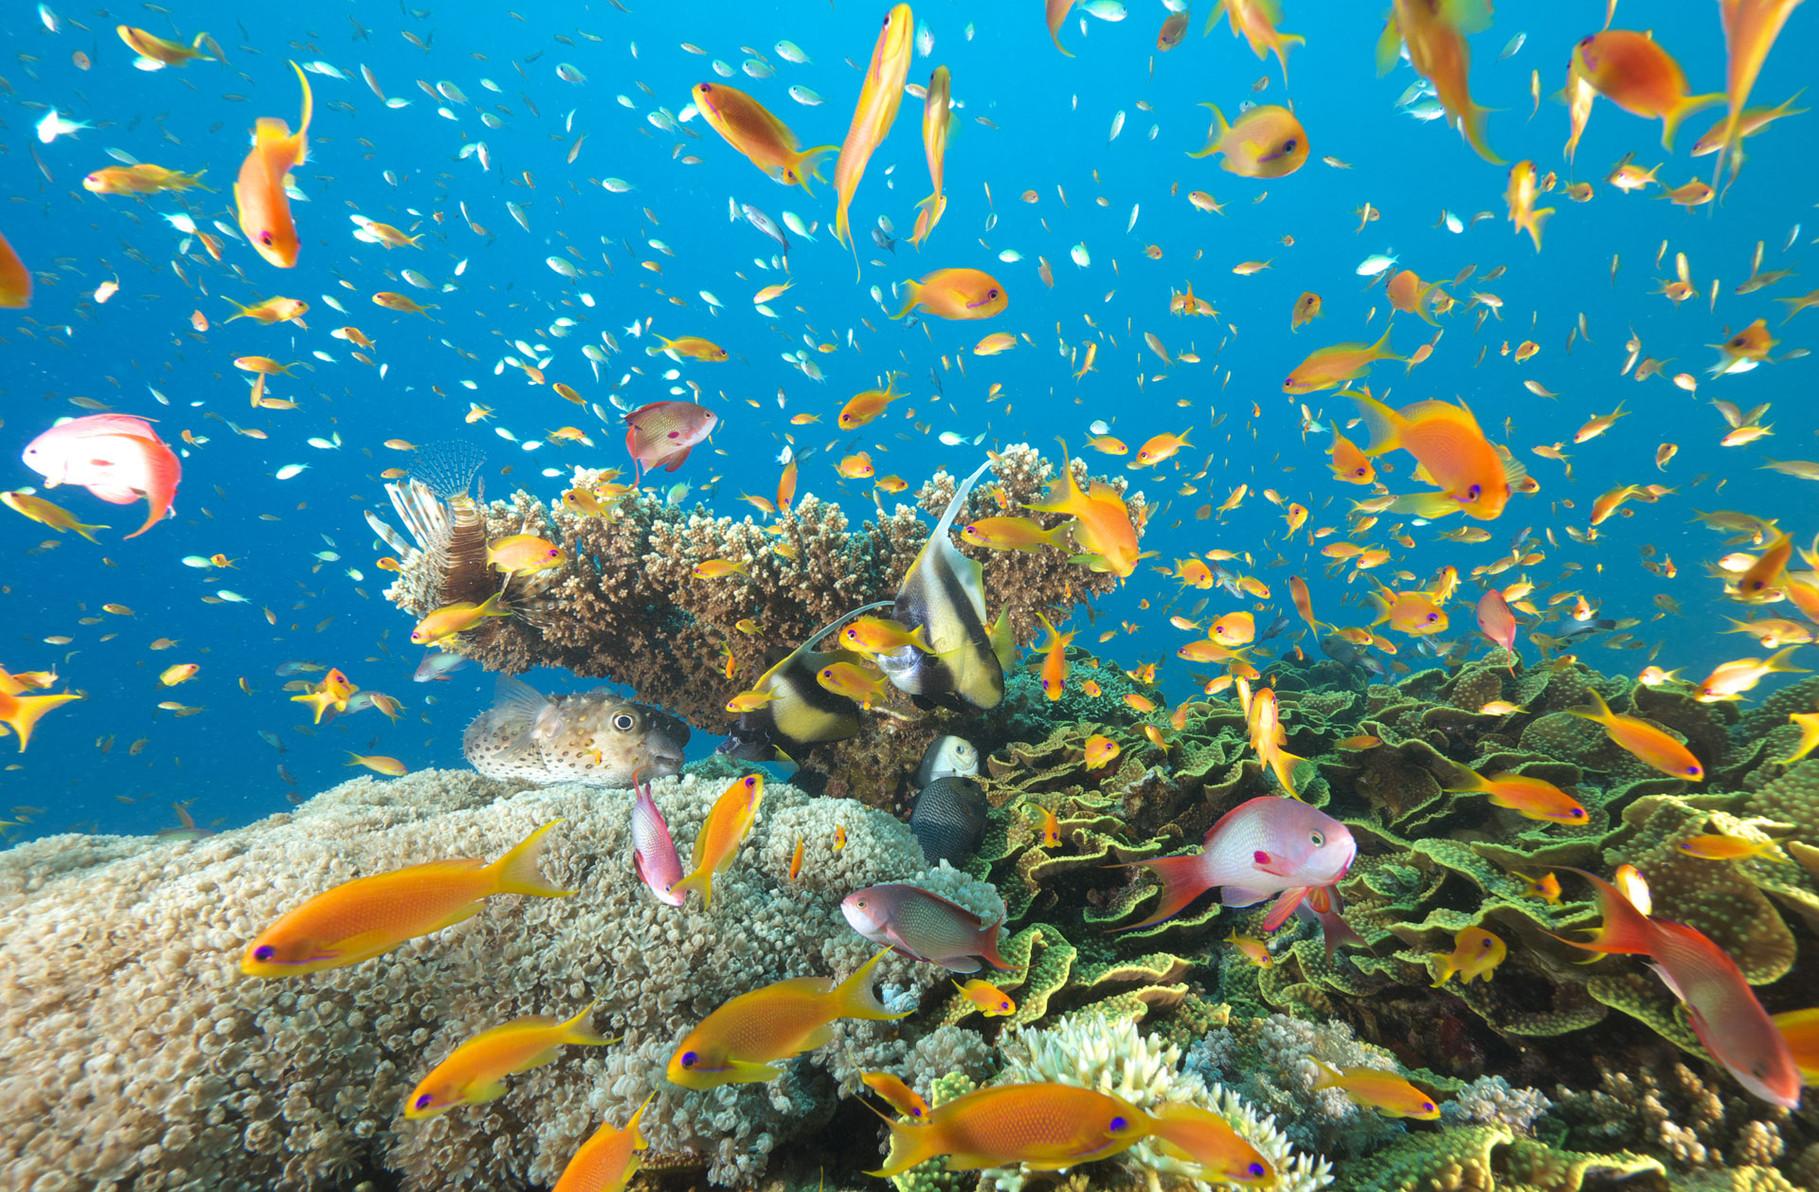 Lively underwater scenery